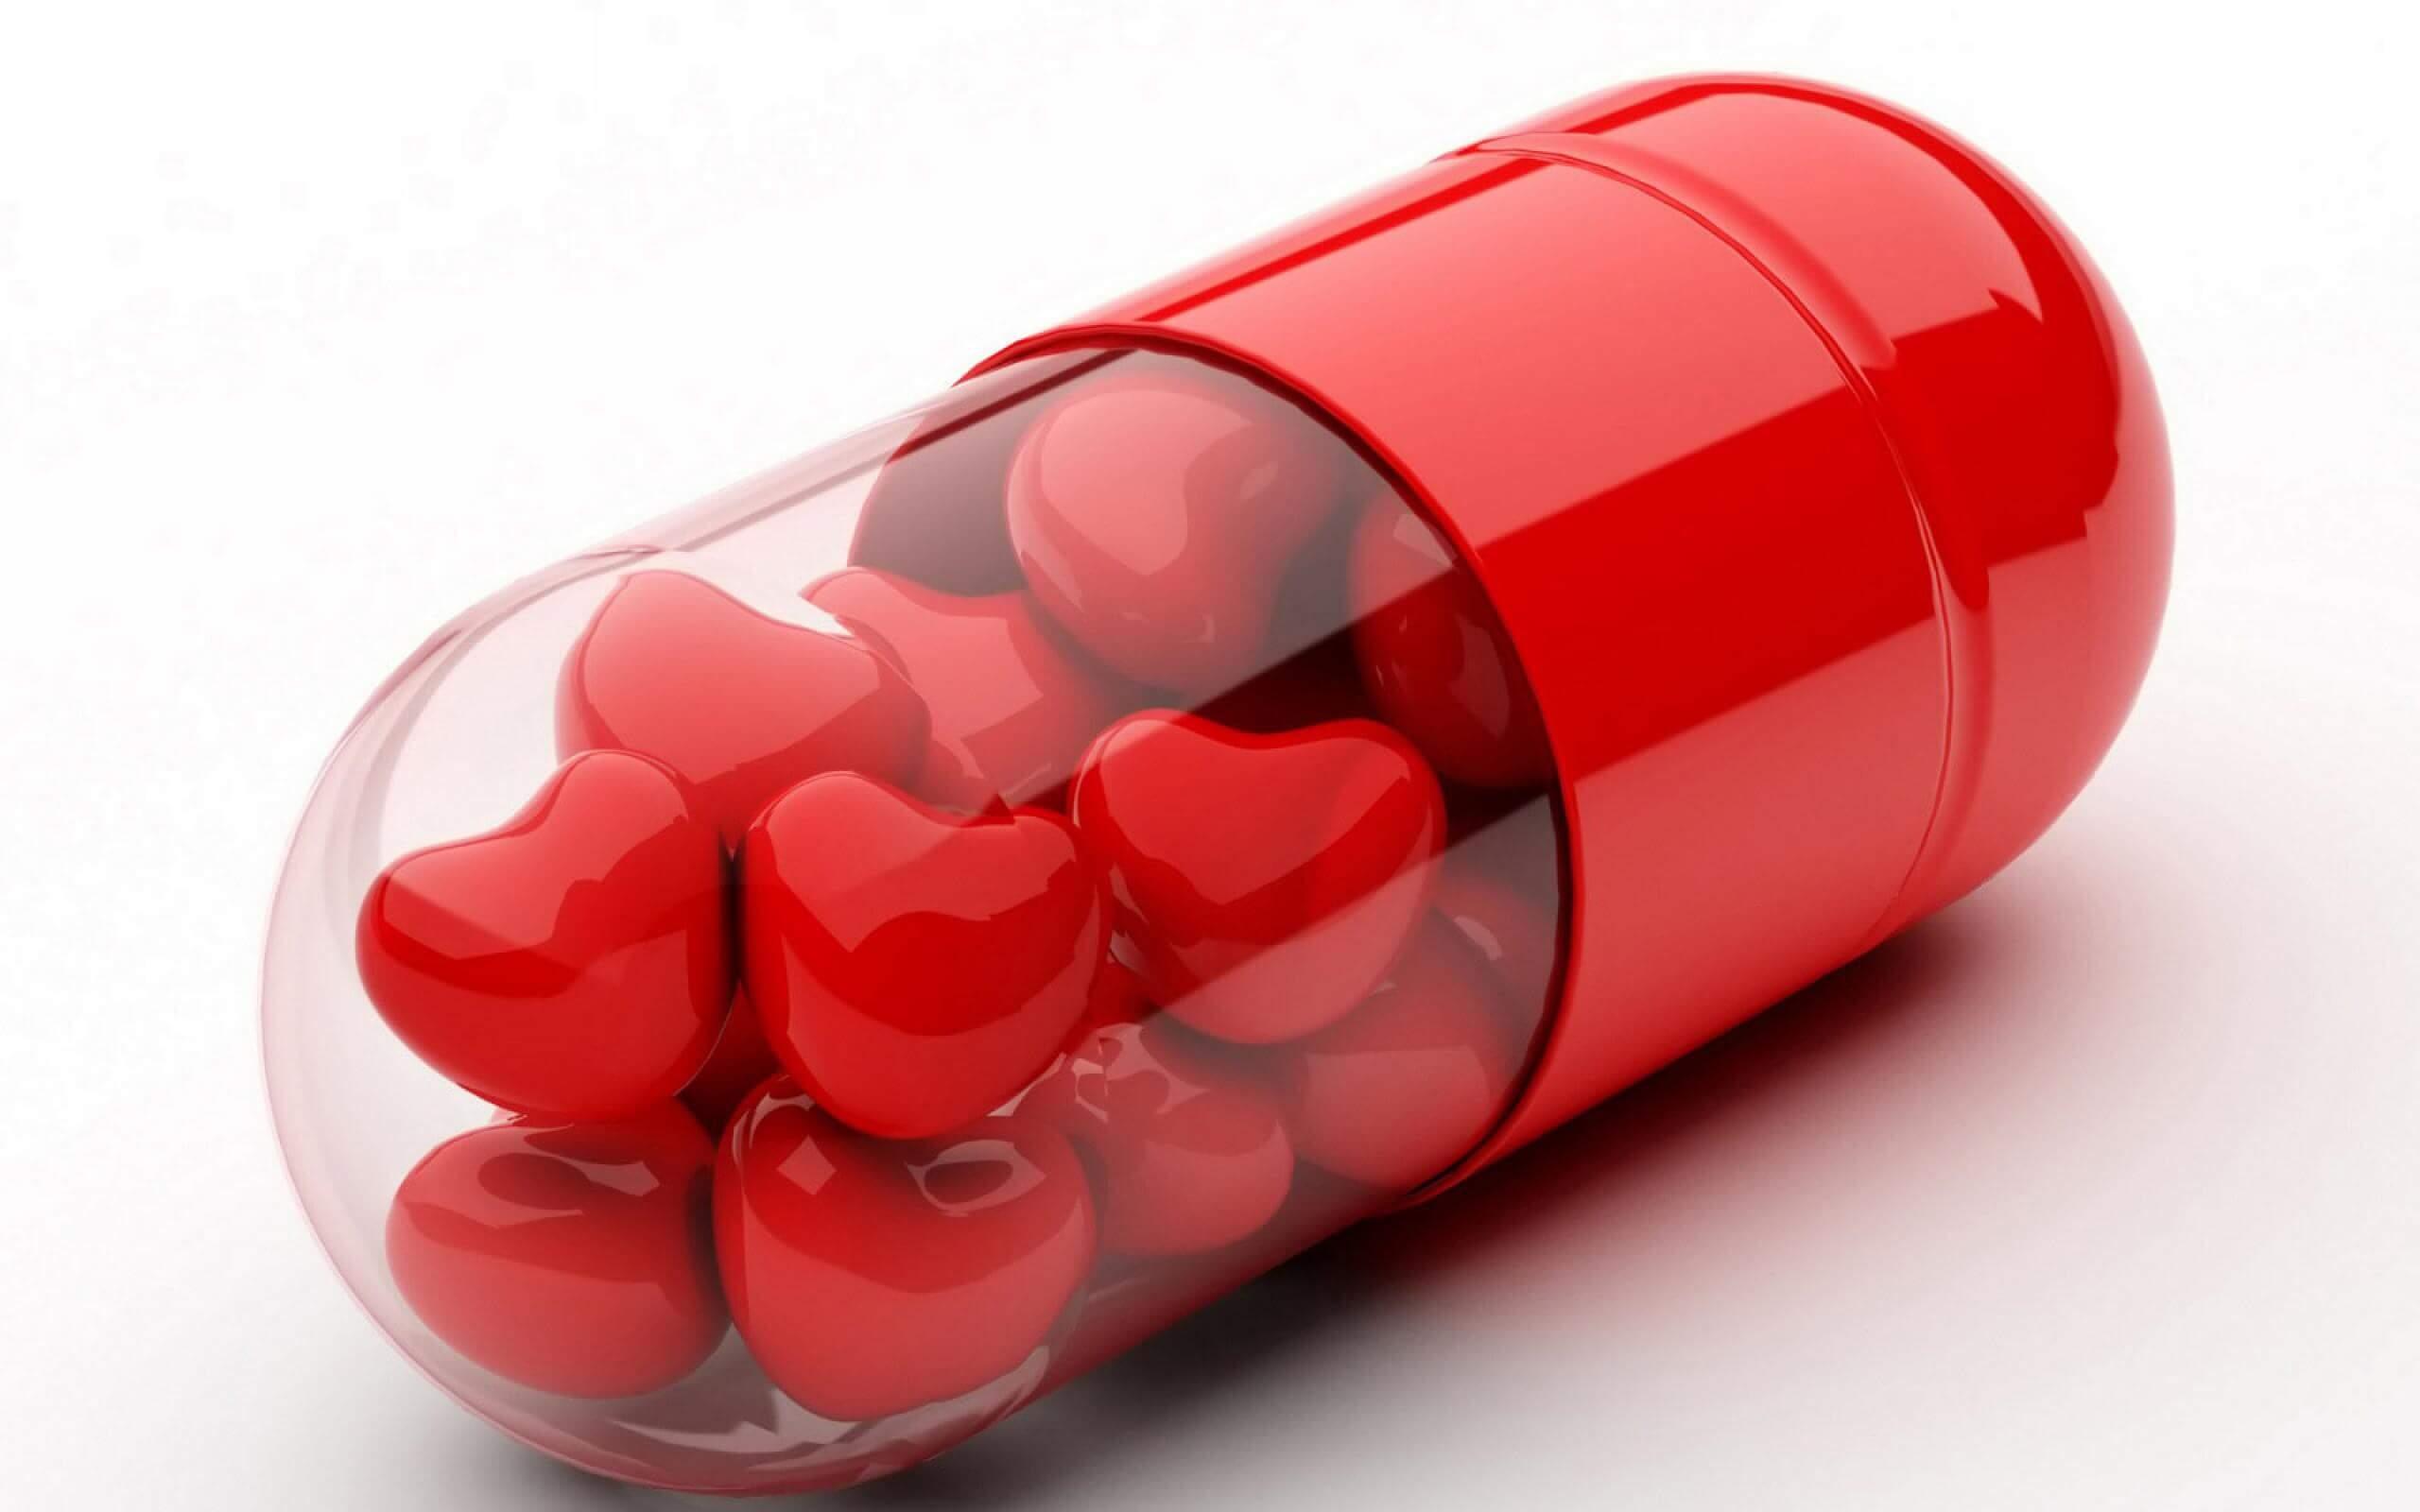 Витамины для сердца в таблетках